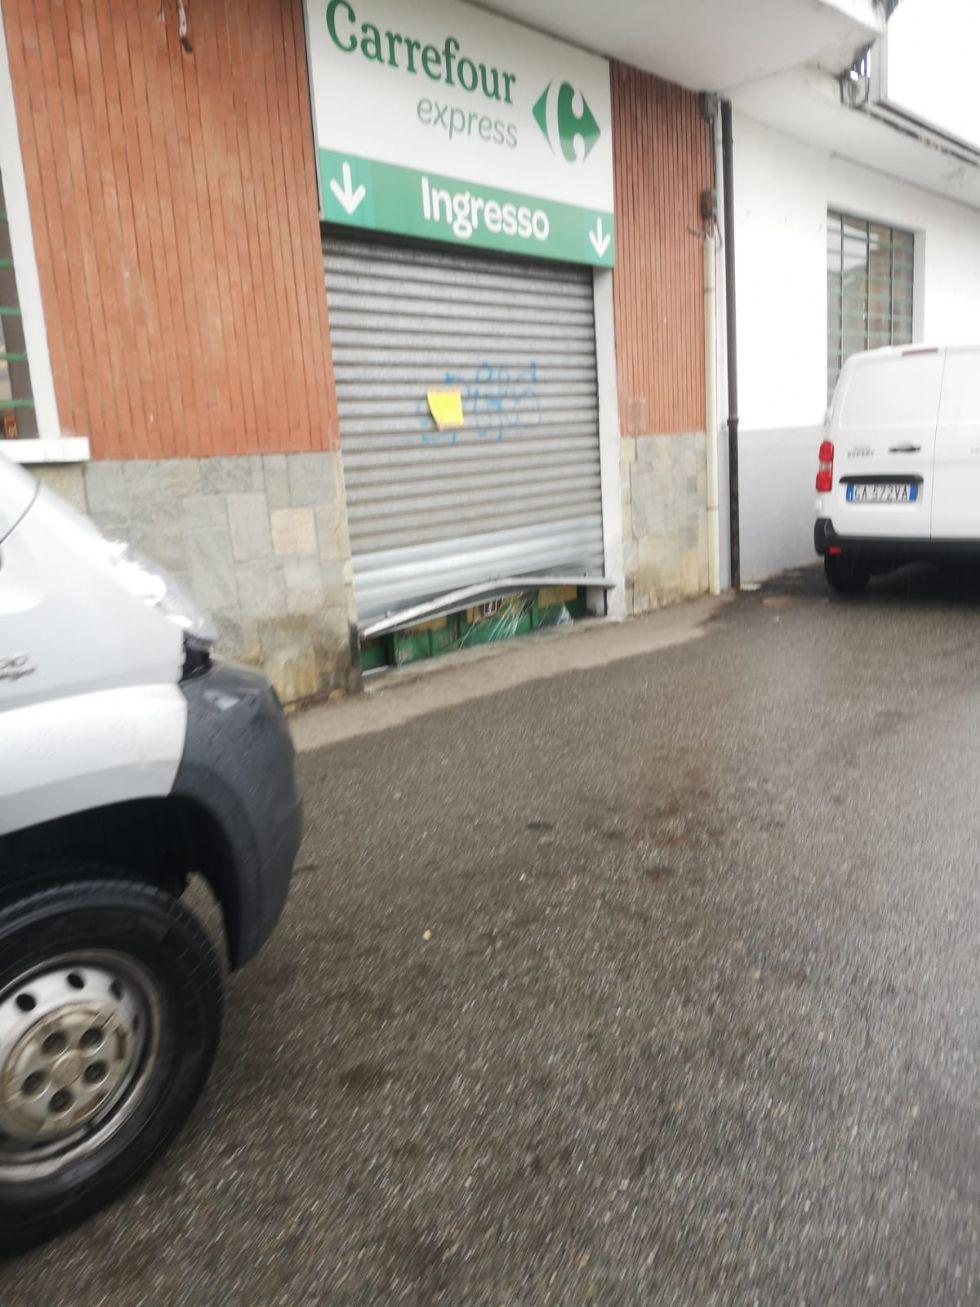 CRONACA - Supermercati nel mirino dei ladri: tre colpi nella notte scorsa